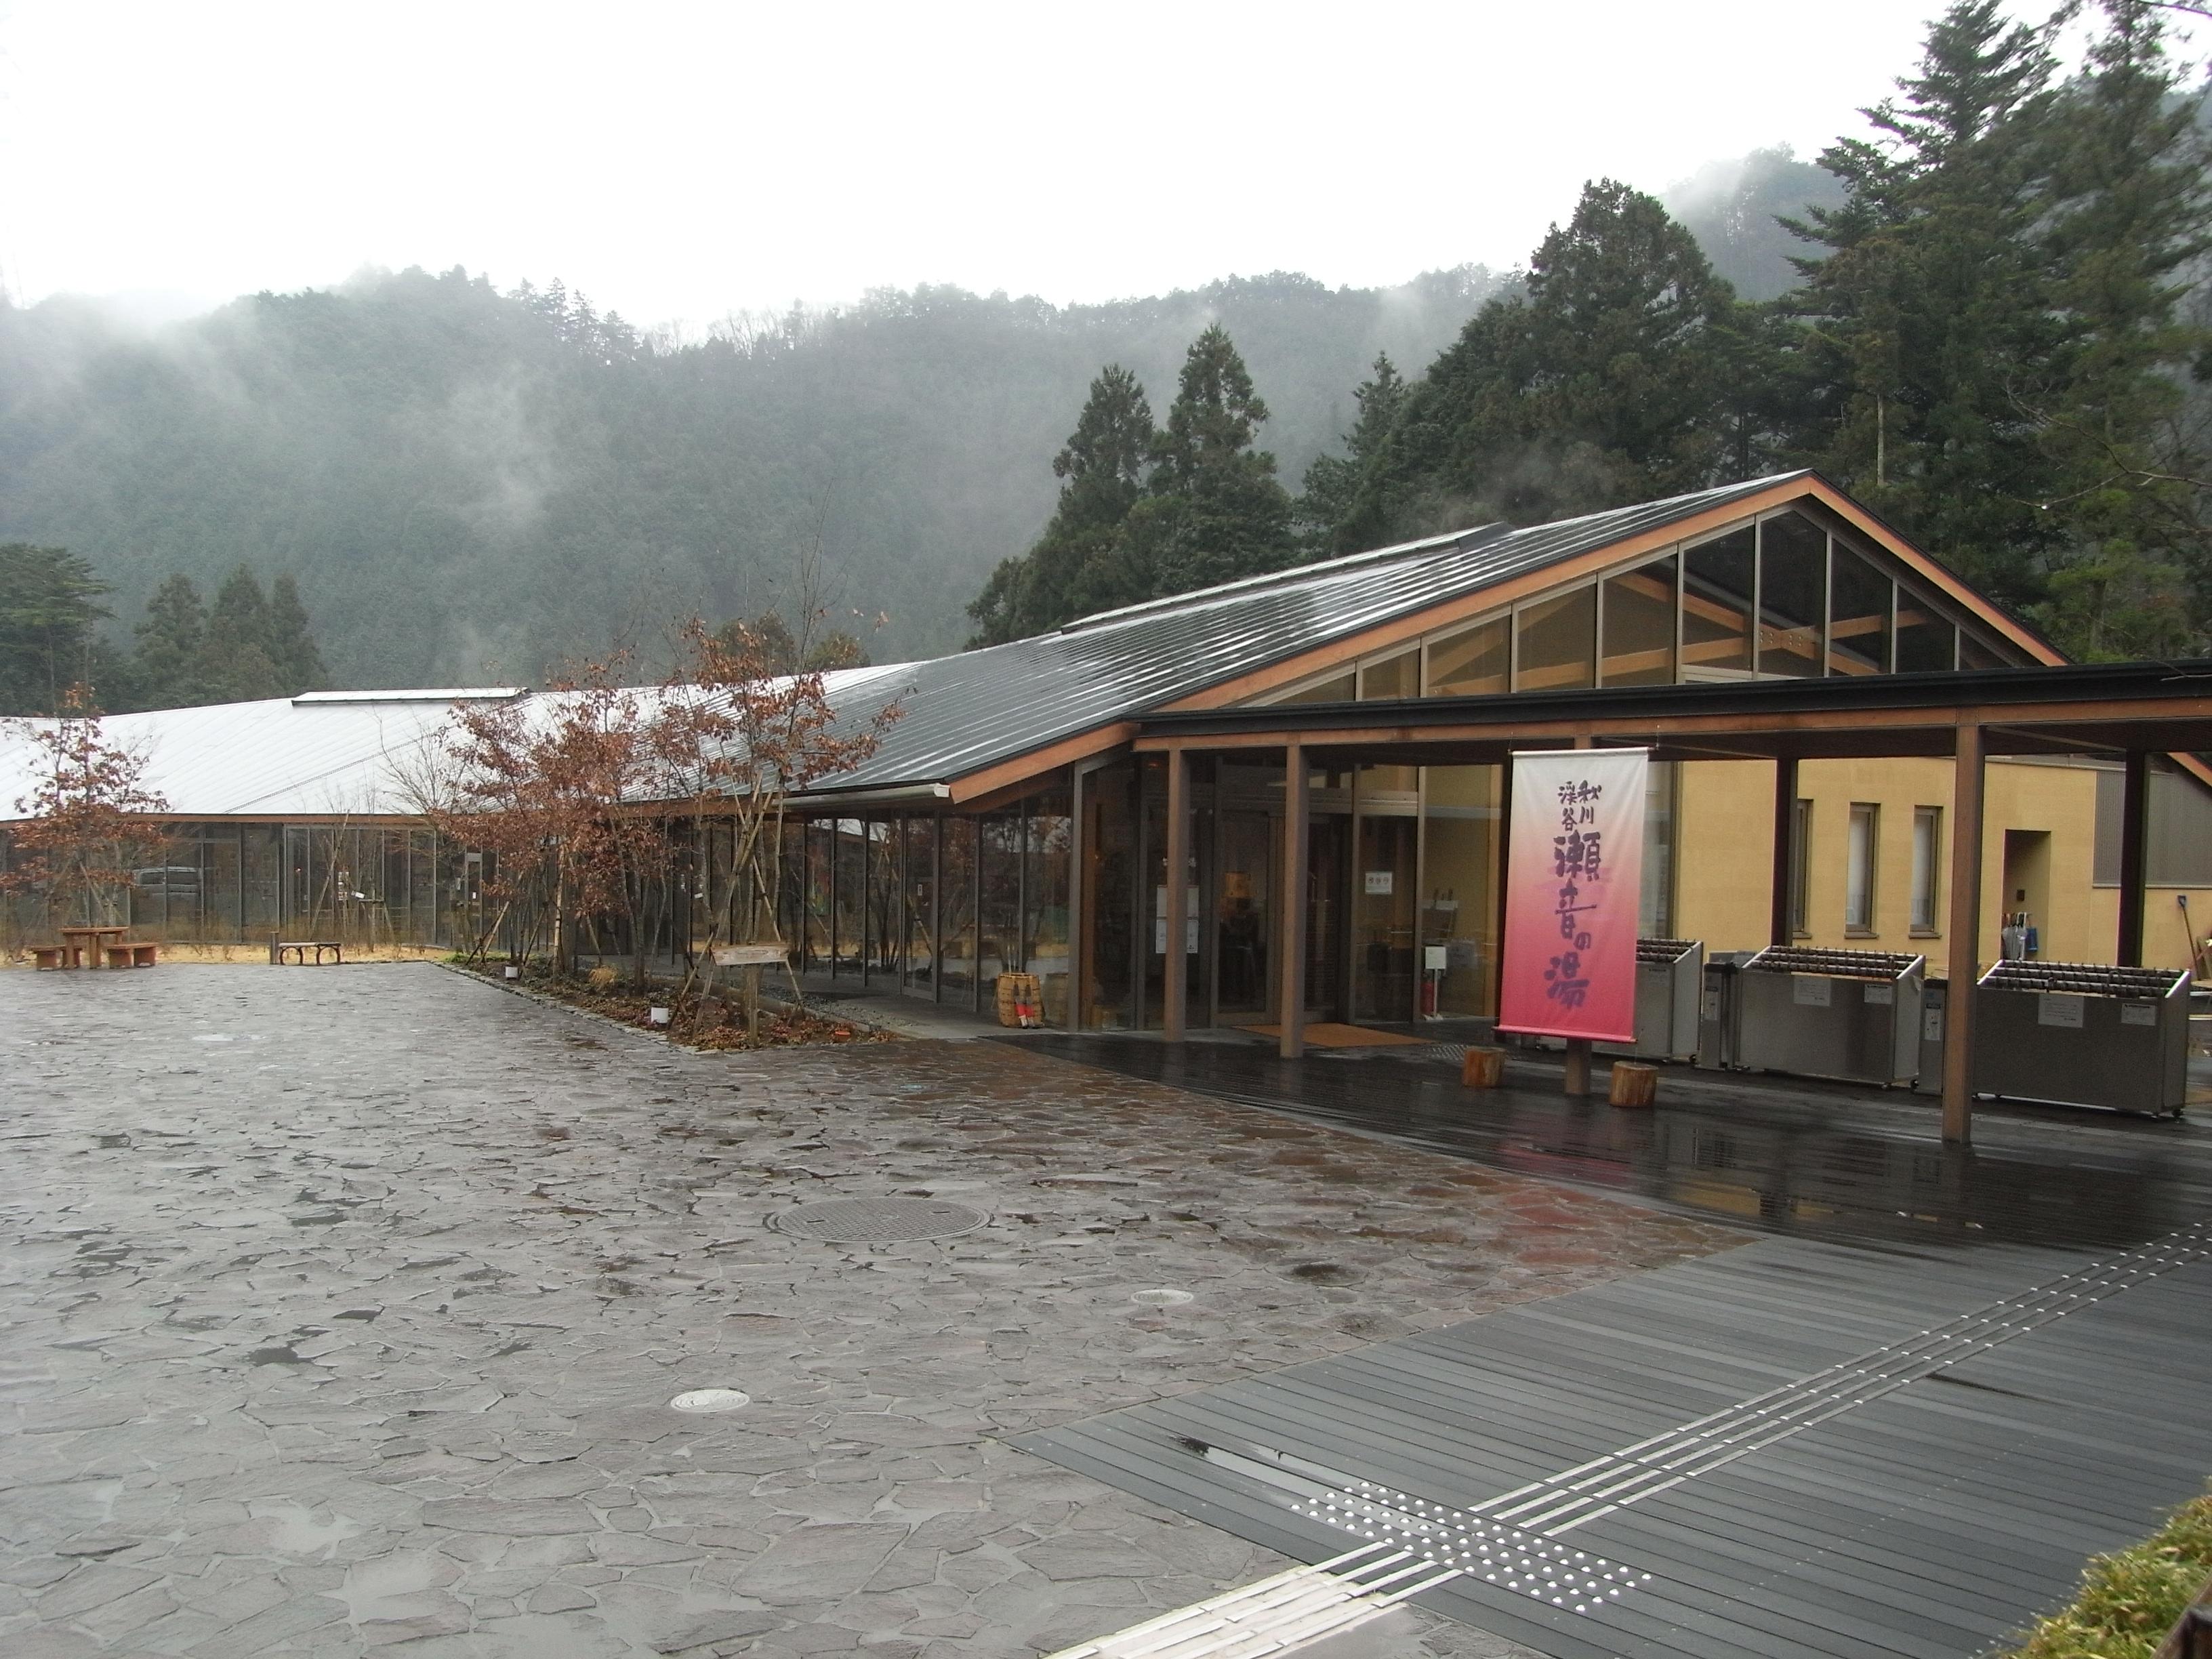 渓谷 の 湯 瀬音 秋川